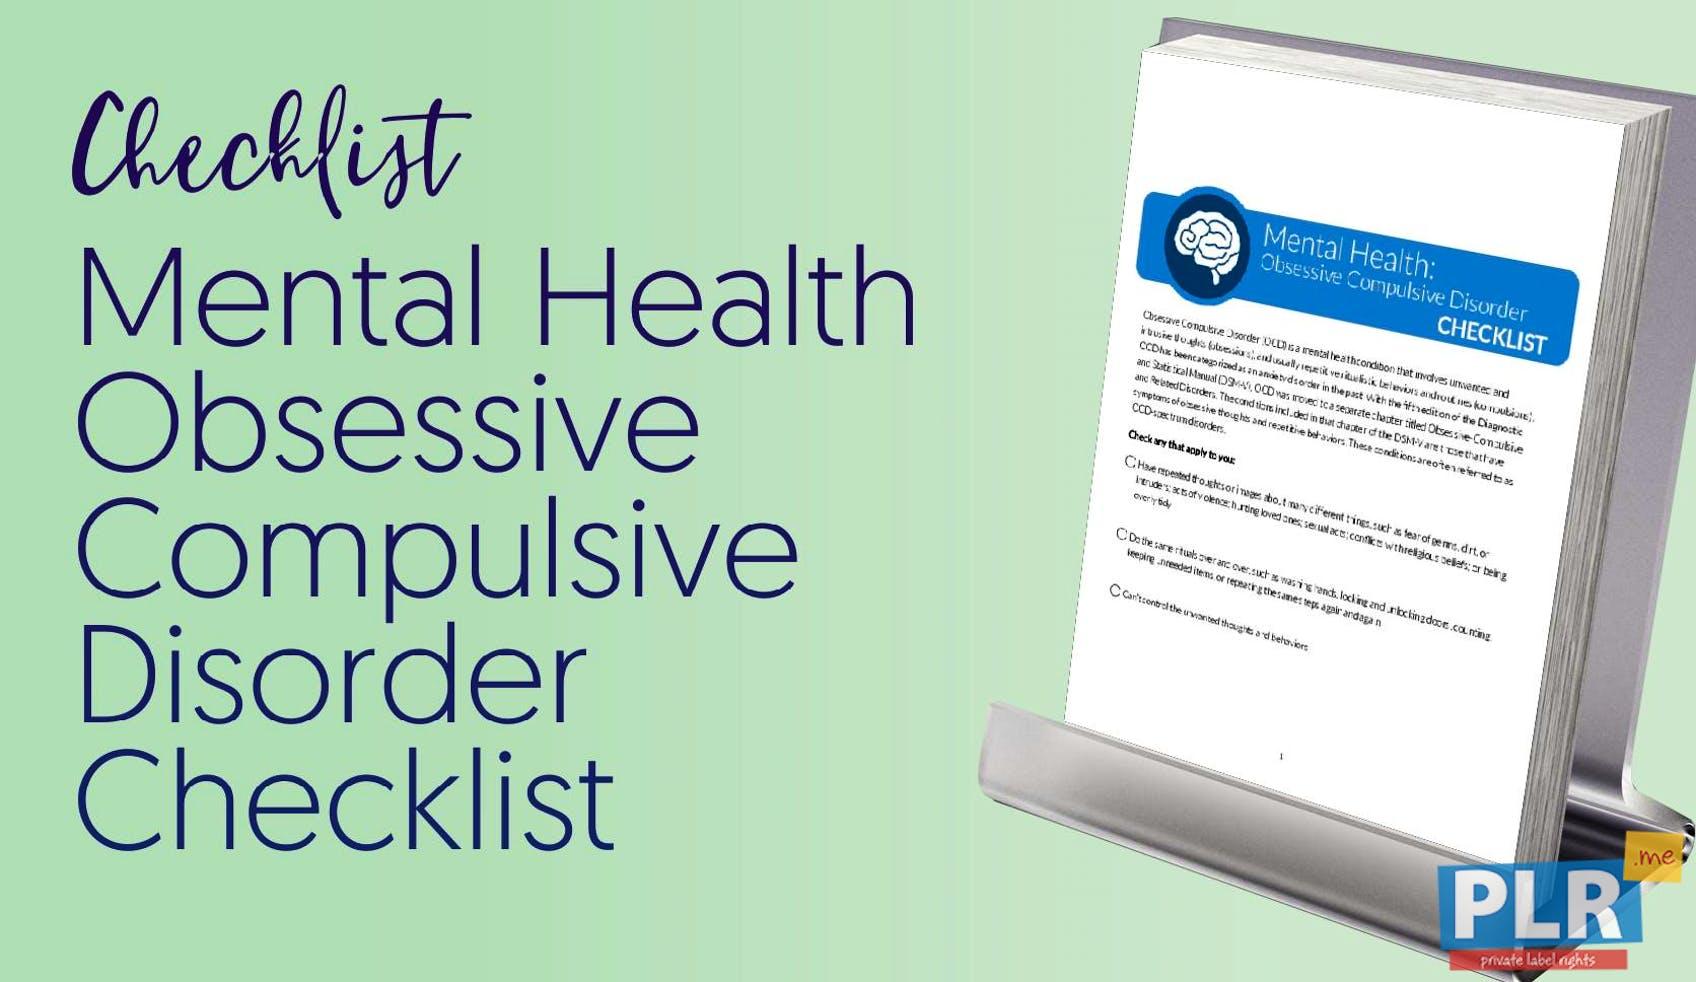 Mental Health Obsessive Compulsive Disorder Checklist